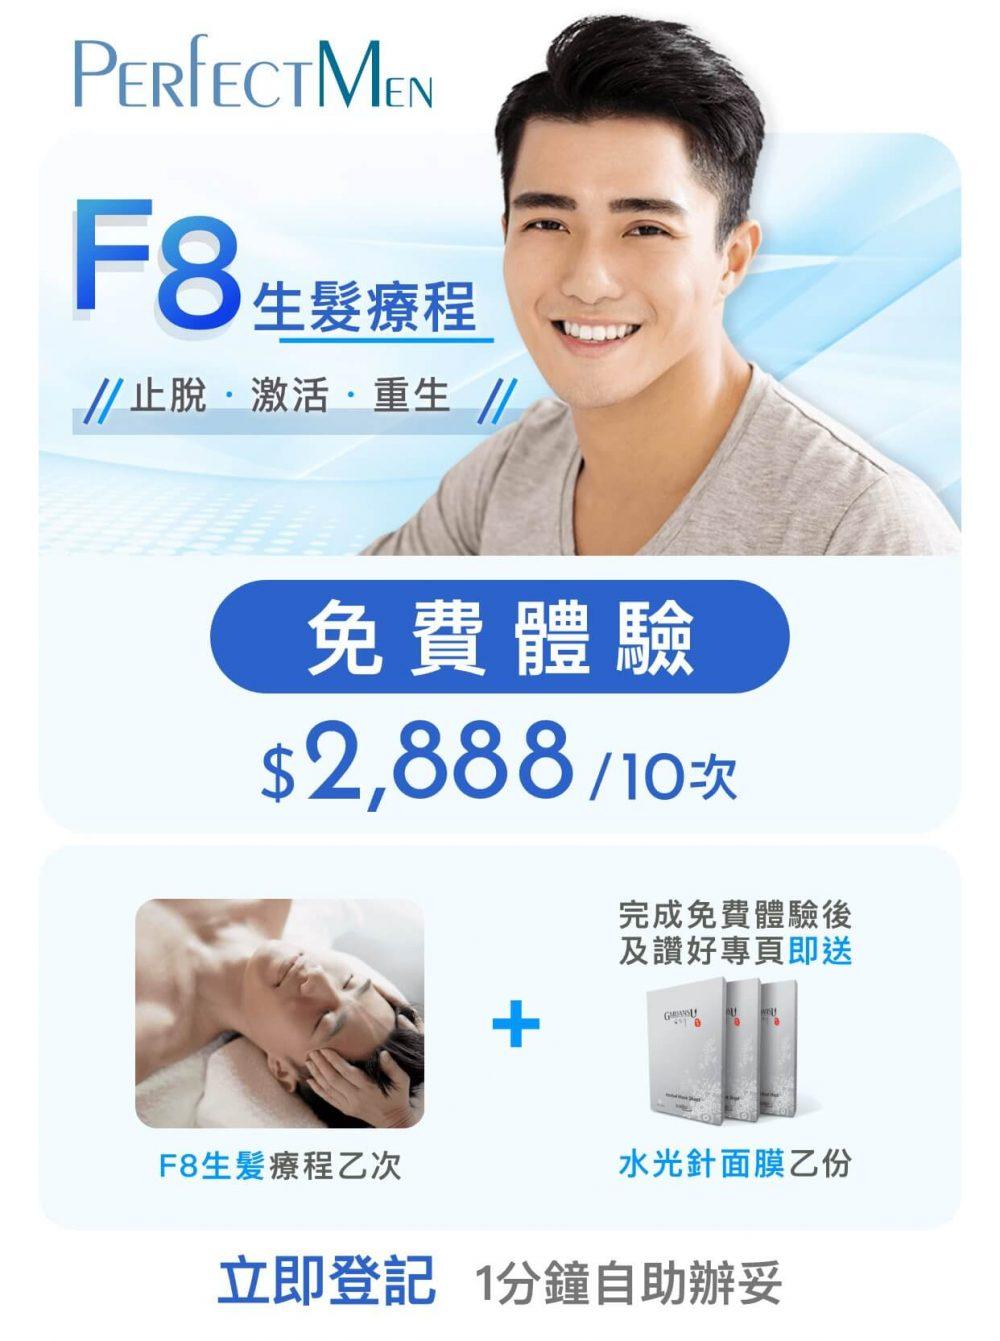 立即登記:免費體驗 Perfect Men F8 激光生髮療程